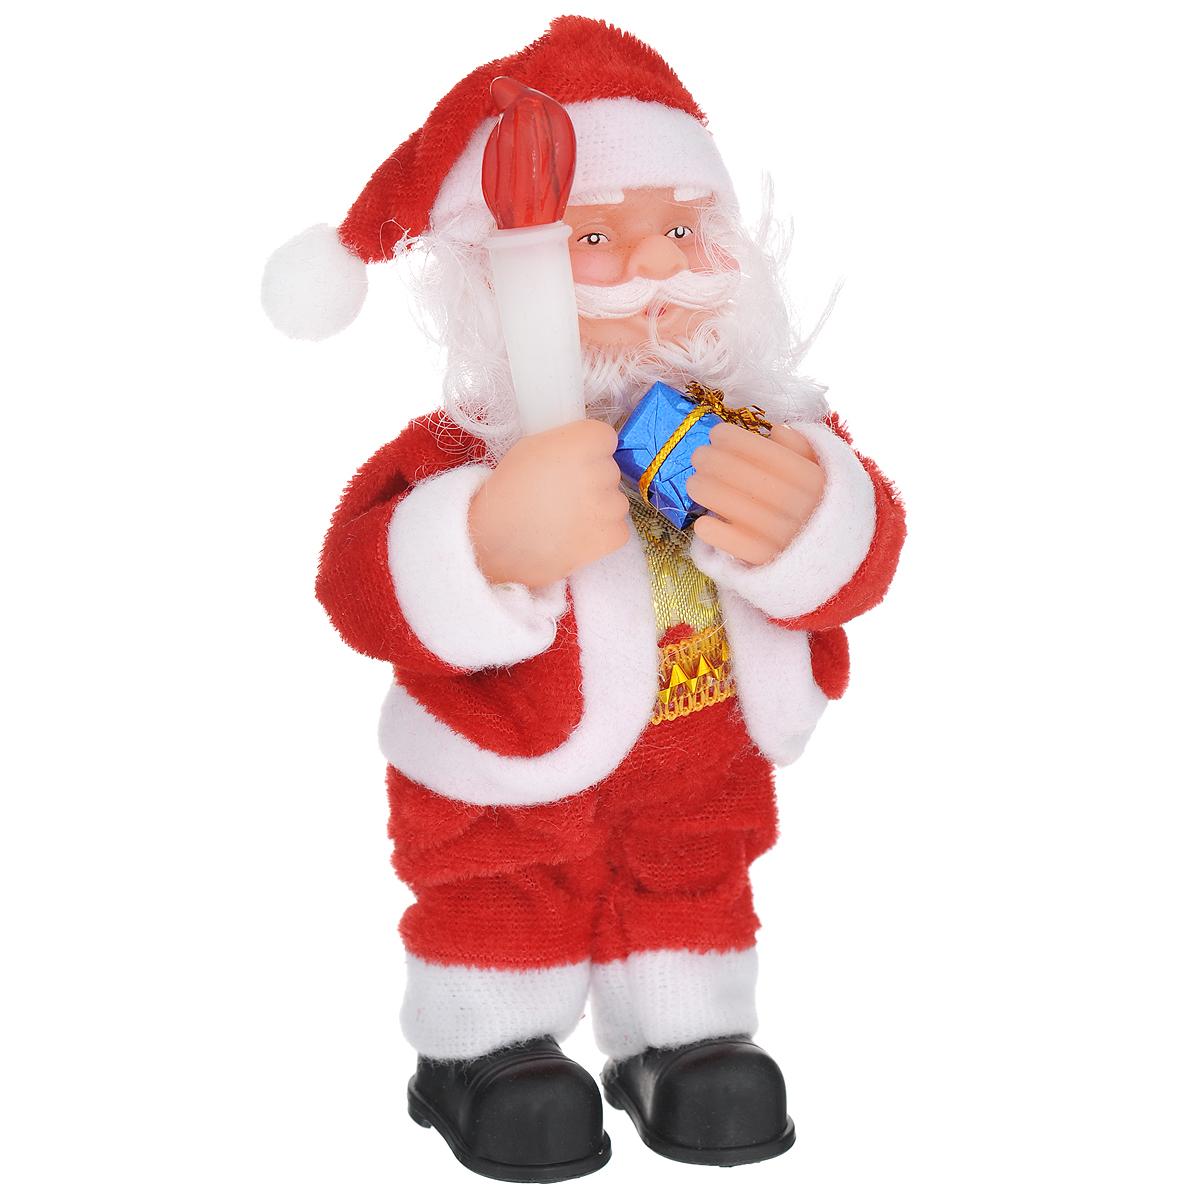 Новогодняя декоративная фигурка Sima-land Дед Мороз, высота 16 см. 703369 фигурка декоративная sima land мишка высота 18 см